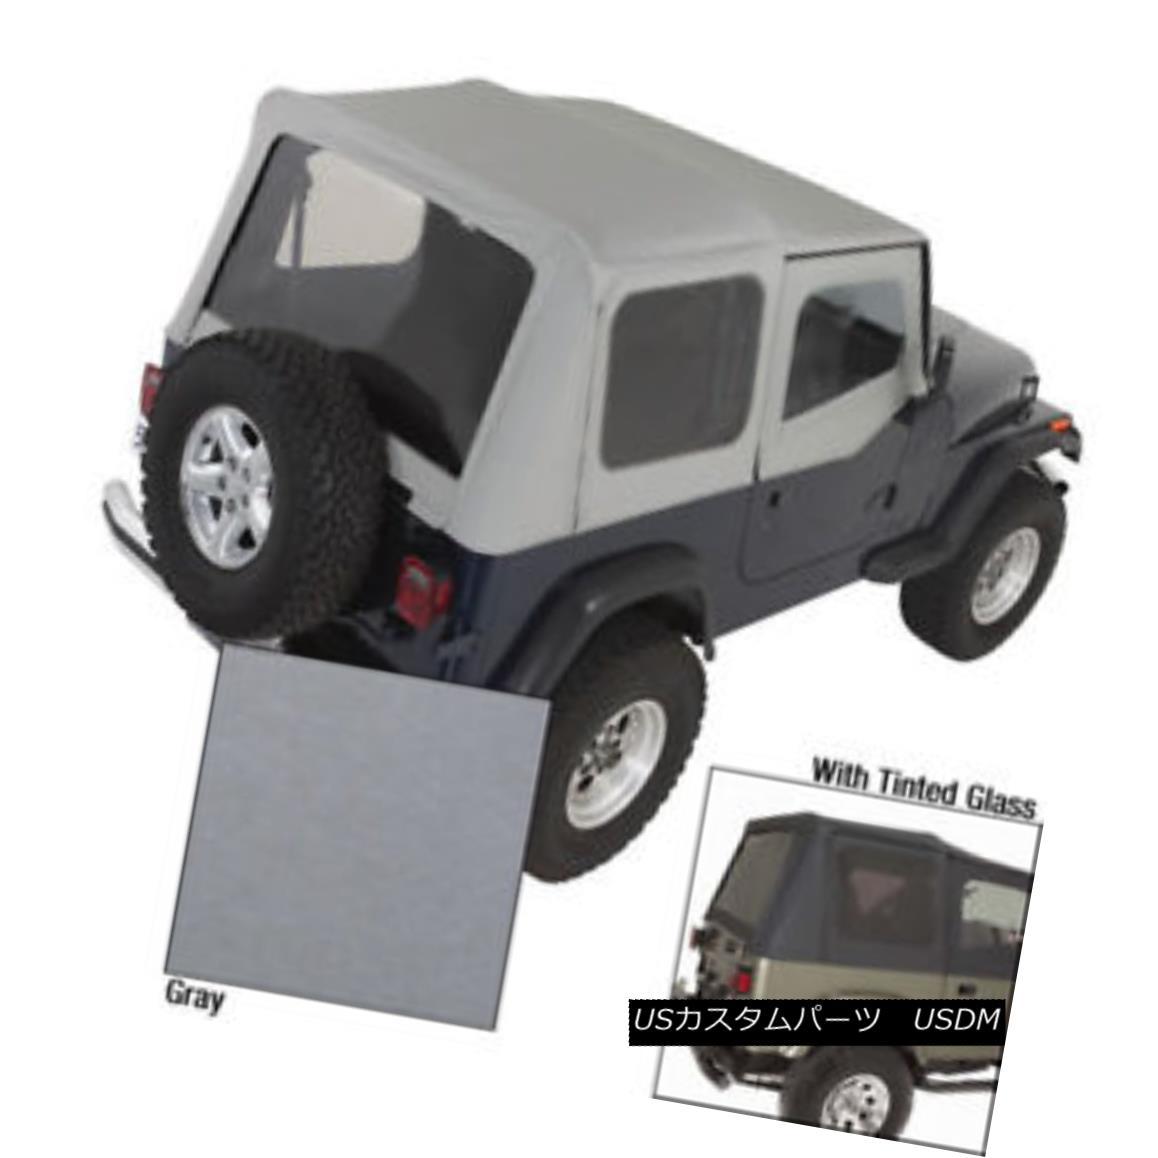 幌・ソフトトップ Rugged Ridge 13722.09 XHD Soft Top Charcoal Tinted Window 88-95 Jeep Wrangler Rugged Ridge 13722.09 XHDソフトトップチャコールティンテッドウィンドウ88-95ジープラングラー